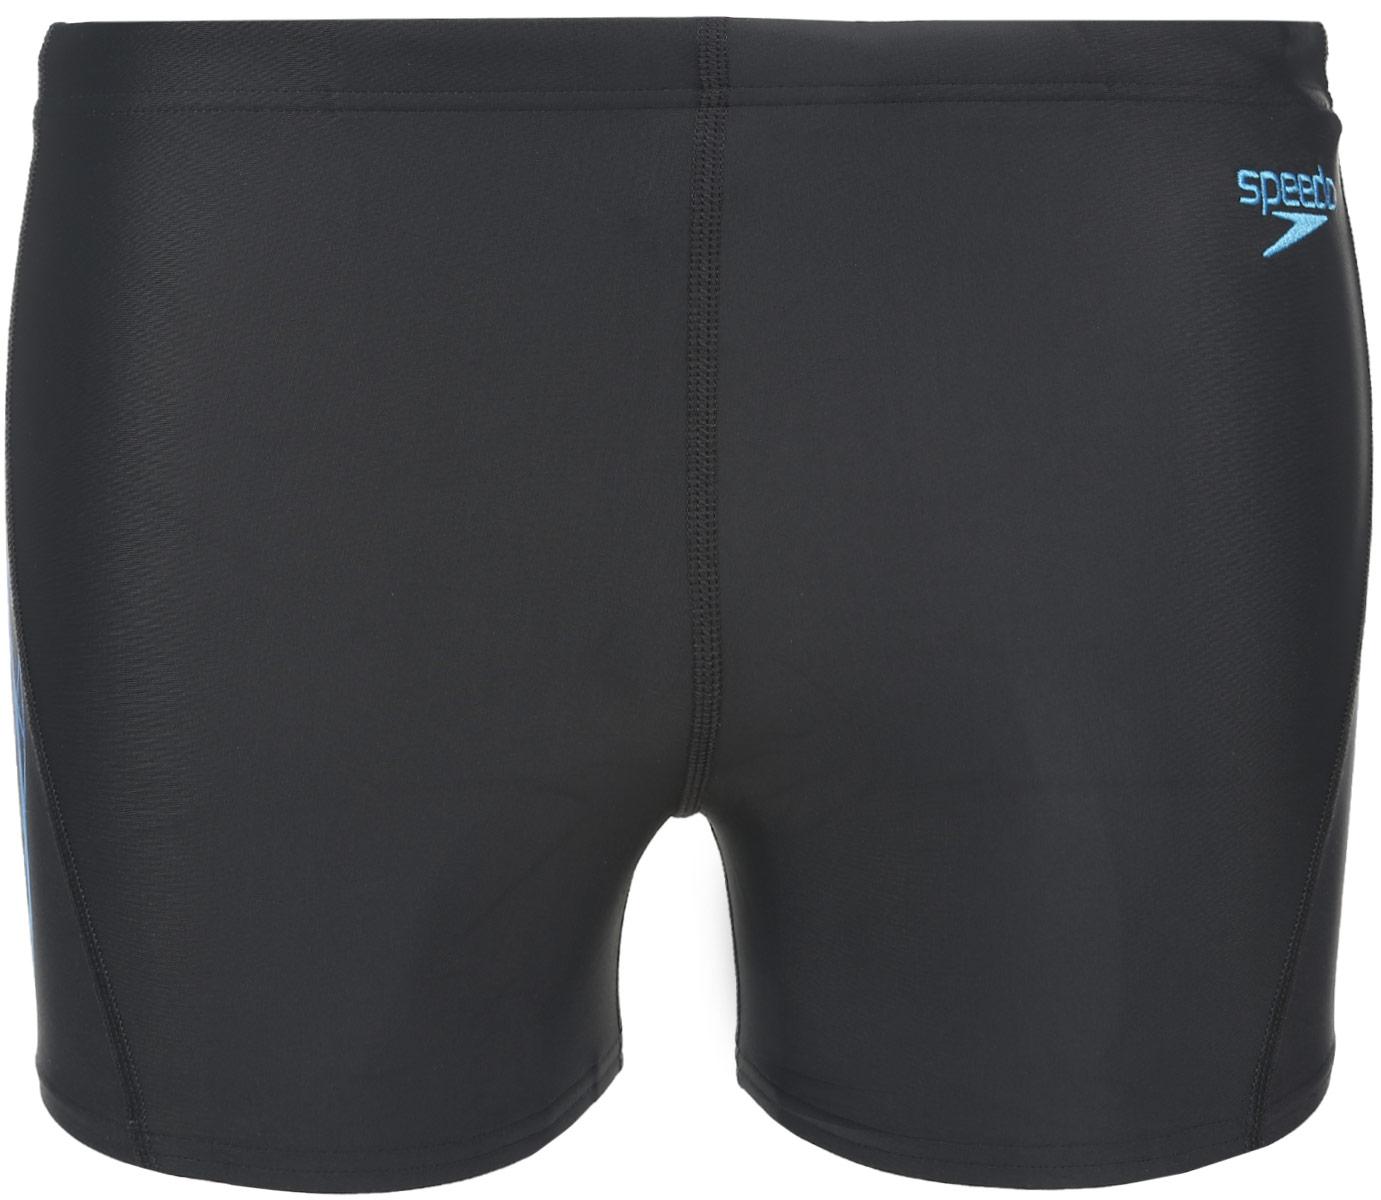 8-09196A831-A831Спортивные плавки-шорты с контрастным абстрактным принтом, выполнены из ткани Endurance10, которая в 10 раз более устойчива к разрушающему воздействию хлора, чем обычные ткани с эластаном и спандексом. Оформлены логотипом бренда. Длина бокового шва - 27 см.